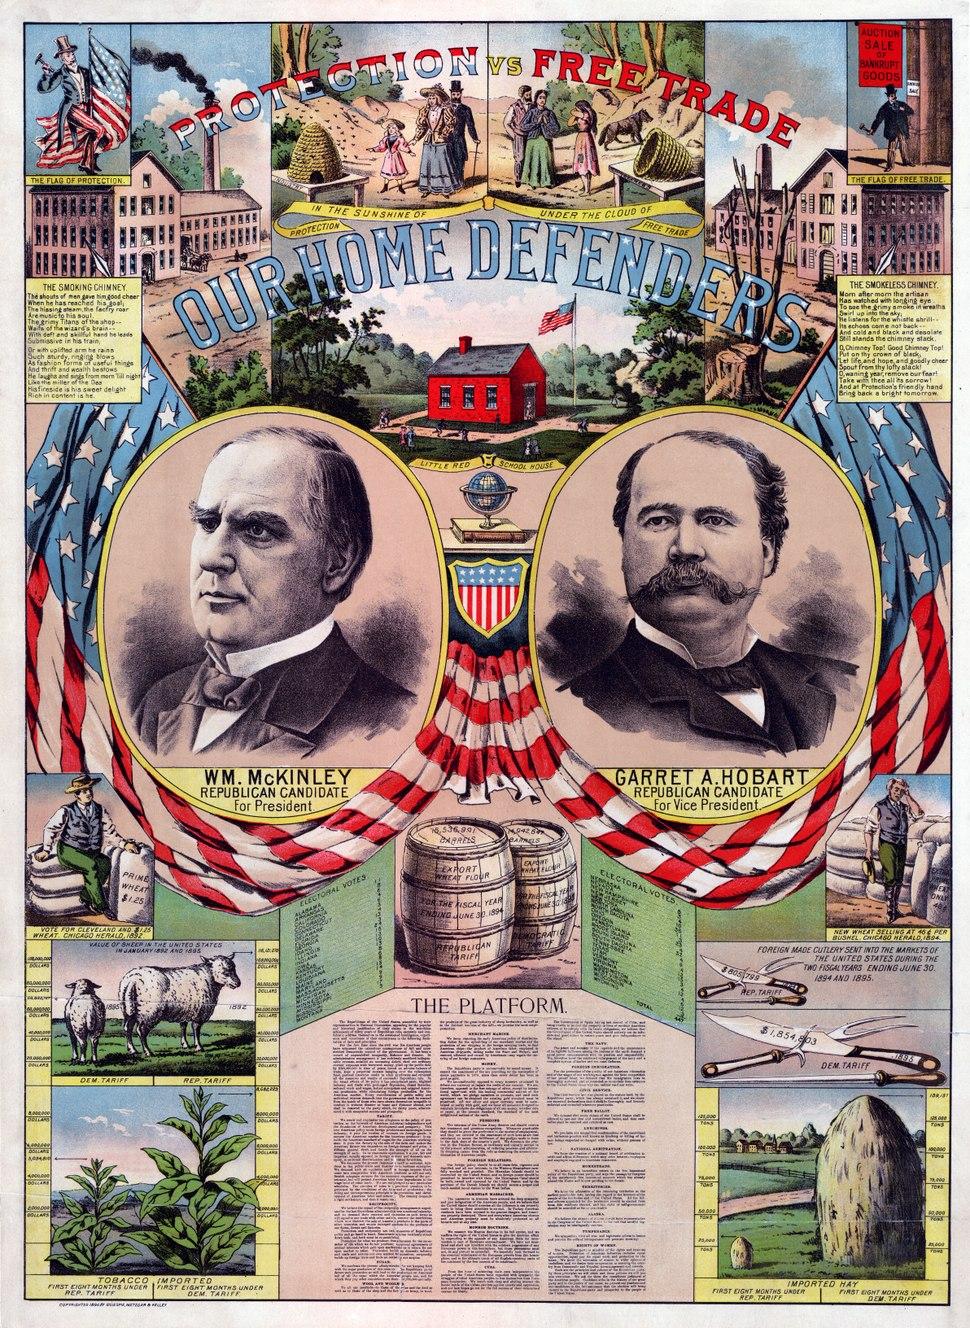 1896 Republican Campaign Poster